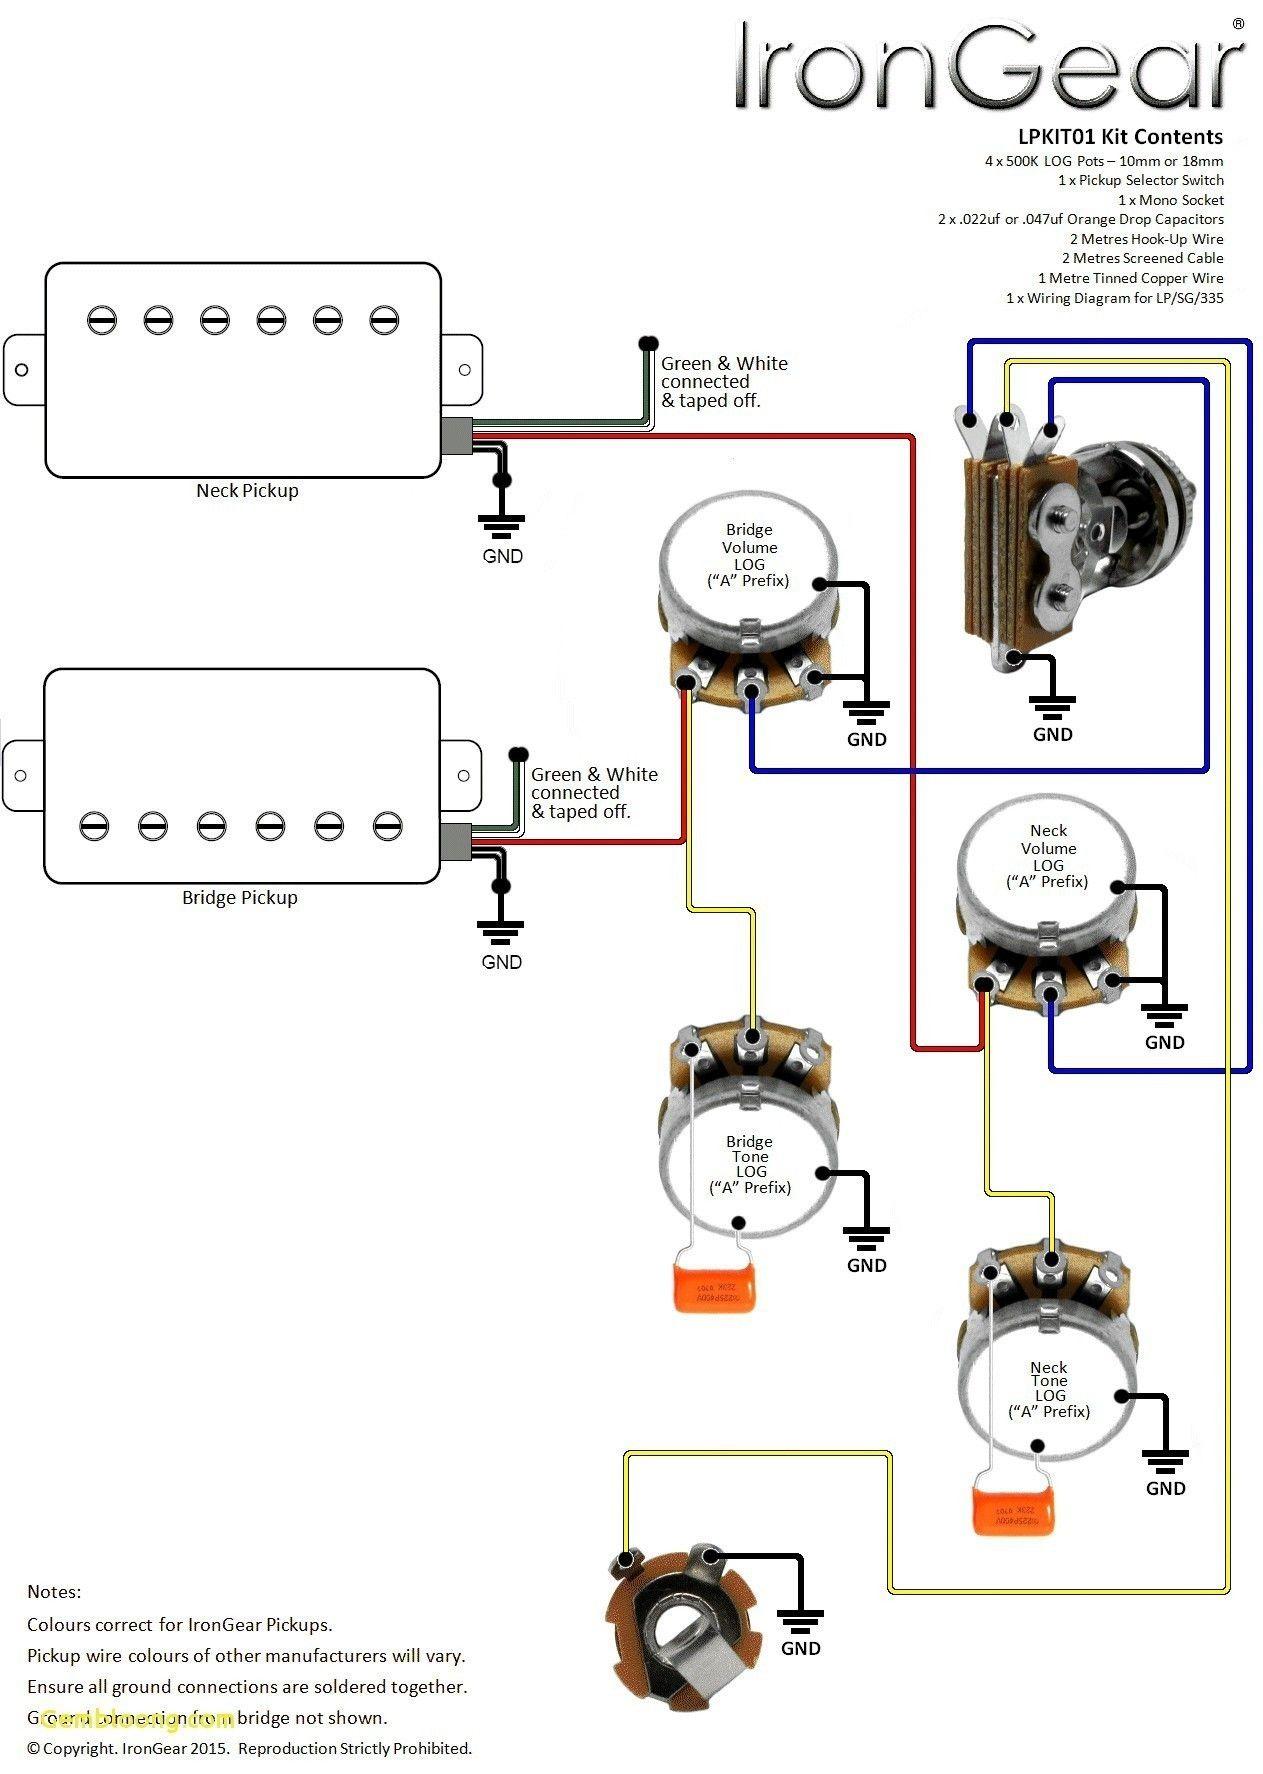 gibson explorer wiring diagram - wiring diagram replace tan-process -  tan-process.miramontiseo.it  tan-process.miramontiseo.it